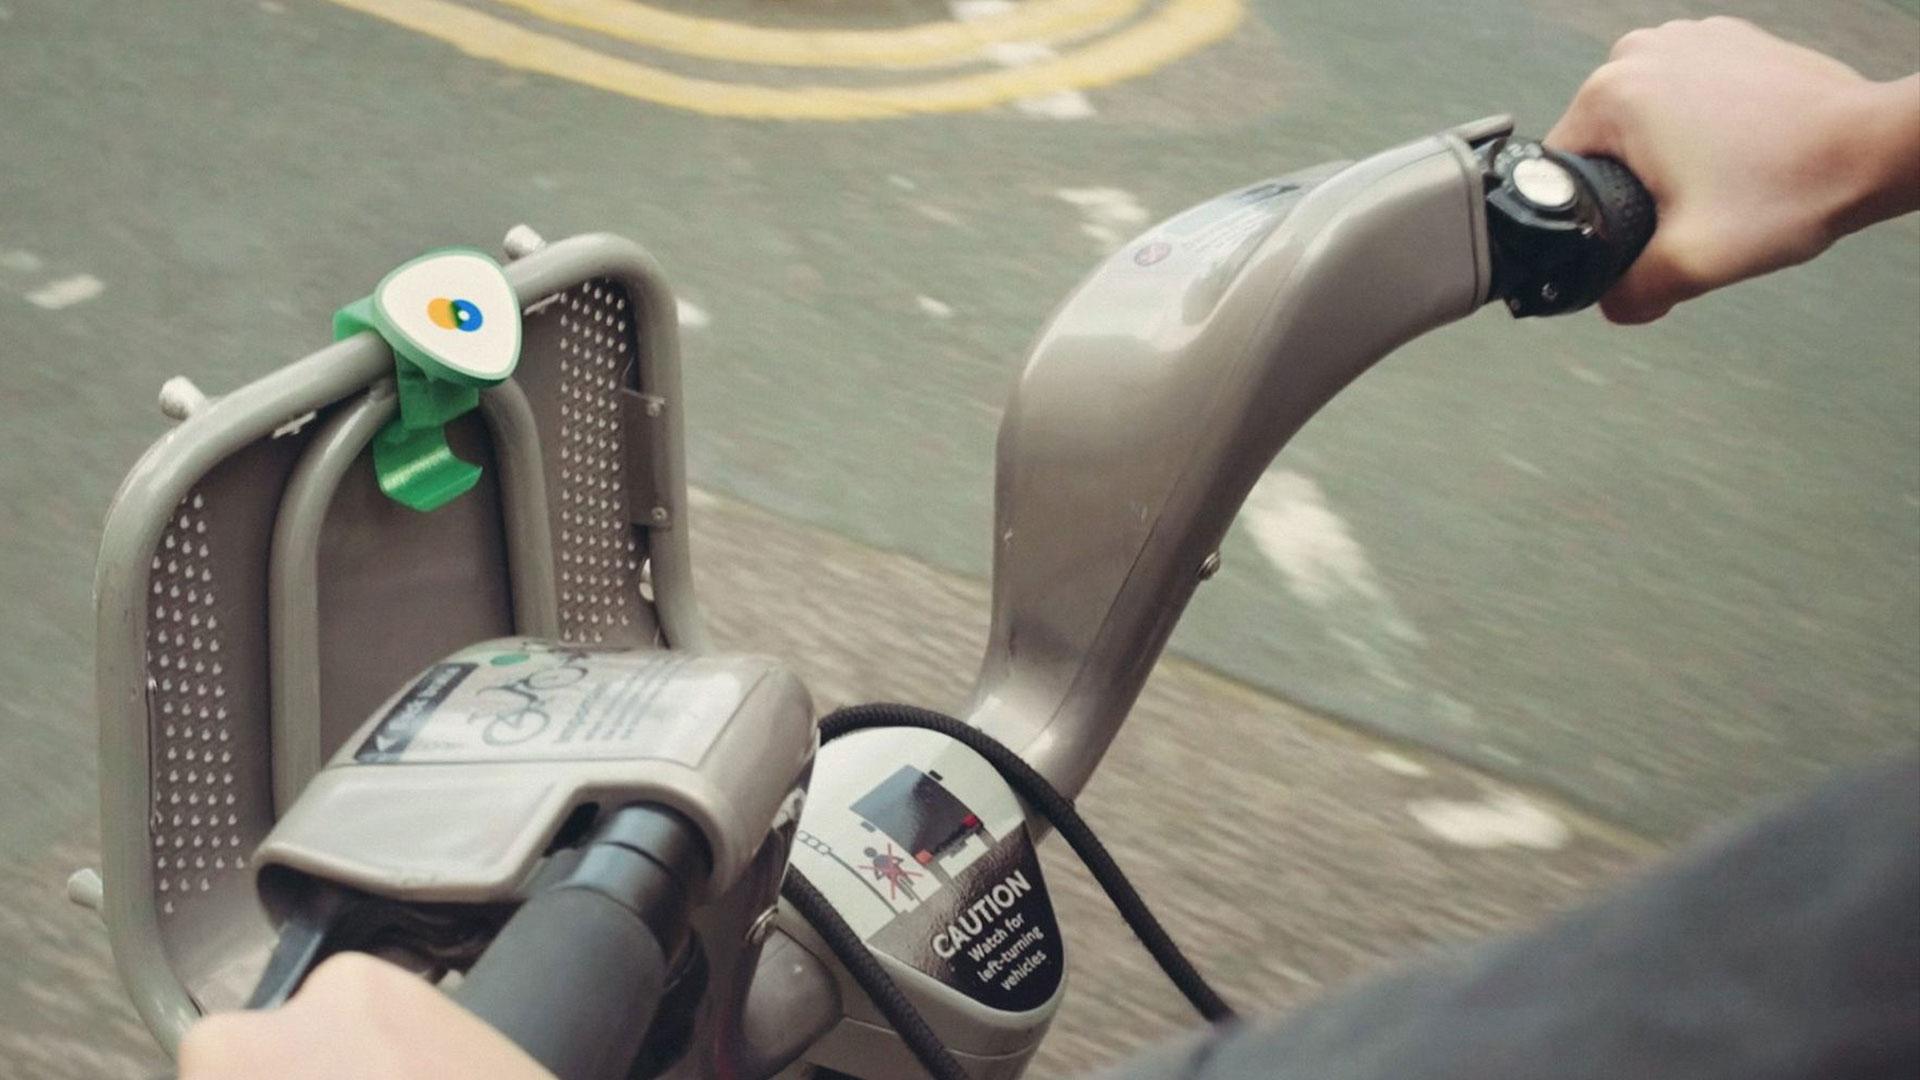 Las bicicletas citadinas cuentan cada vez con más tecnología y softwares específicos